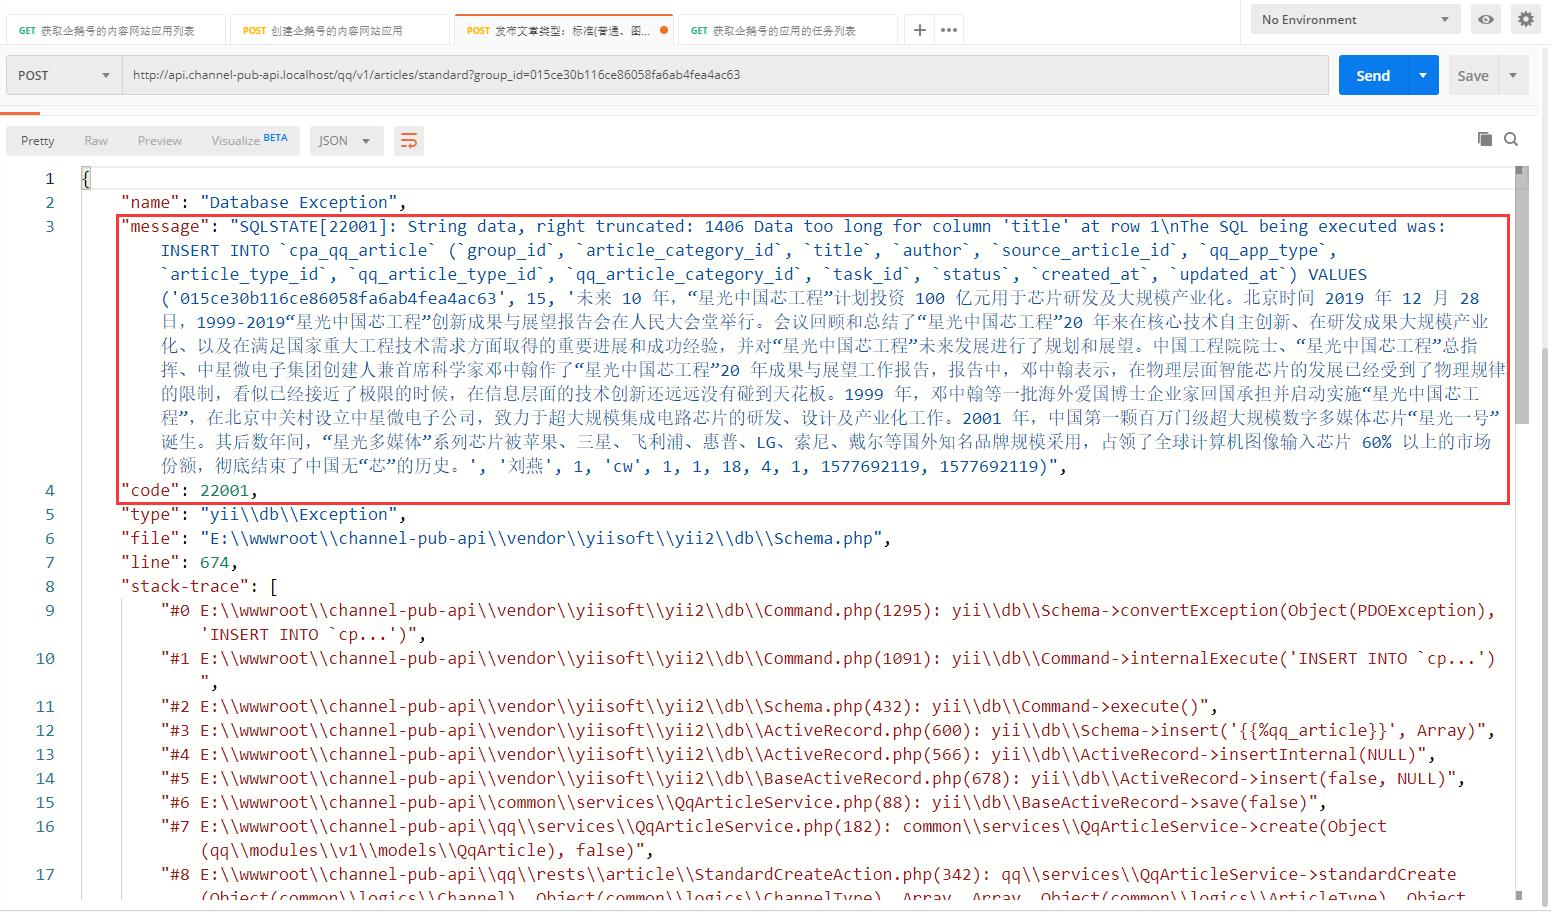 如何来实现即使入库失败,也能够查询到发布记录呢?前提是必须要保证请求的数据入库成功,但是理论上是无法实现的。比如说:请求数据中的标题长度超出表:cpa_qq_article 的字段:title 的长度,即使在执行插入 SQL 之前不做数据验证,SQL 语句也会执行失败,进而回滚。